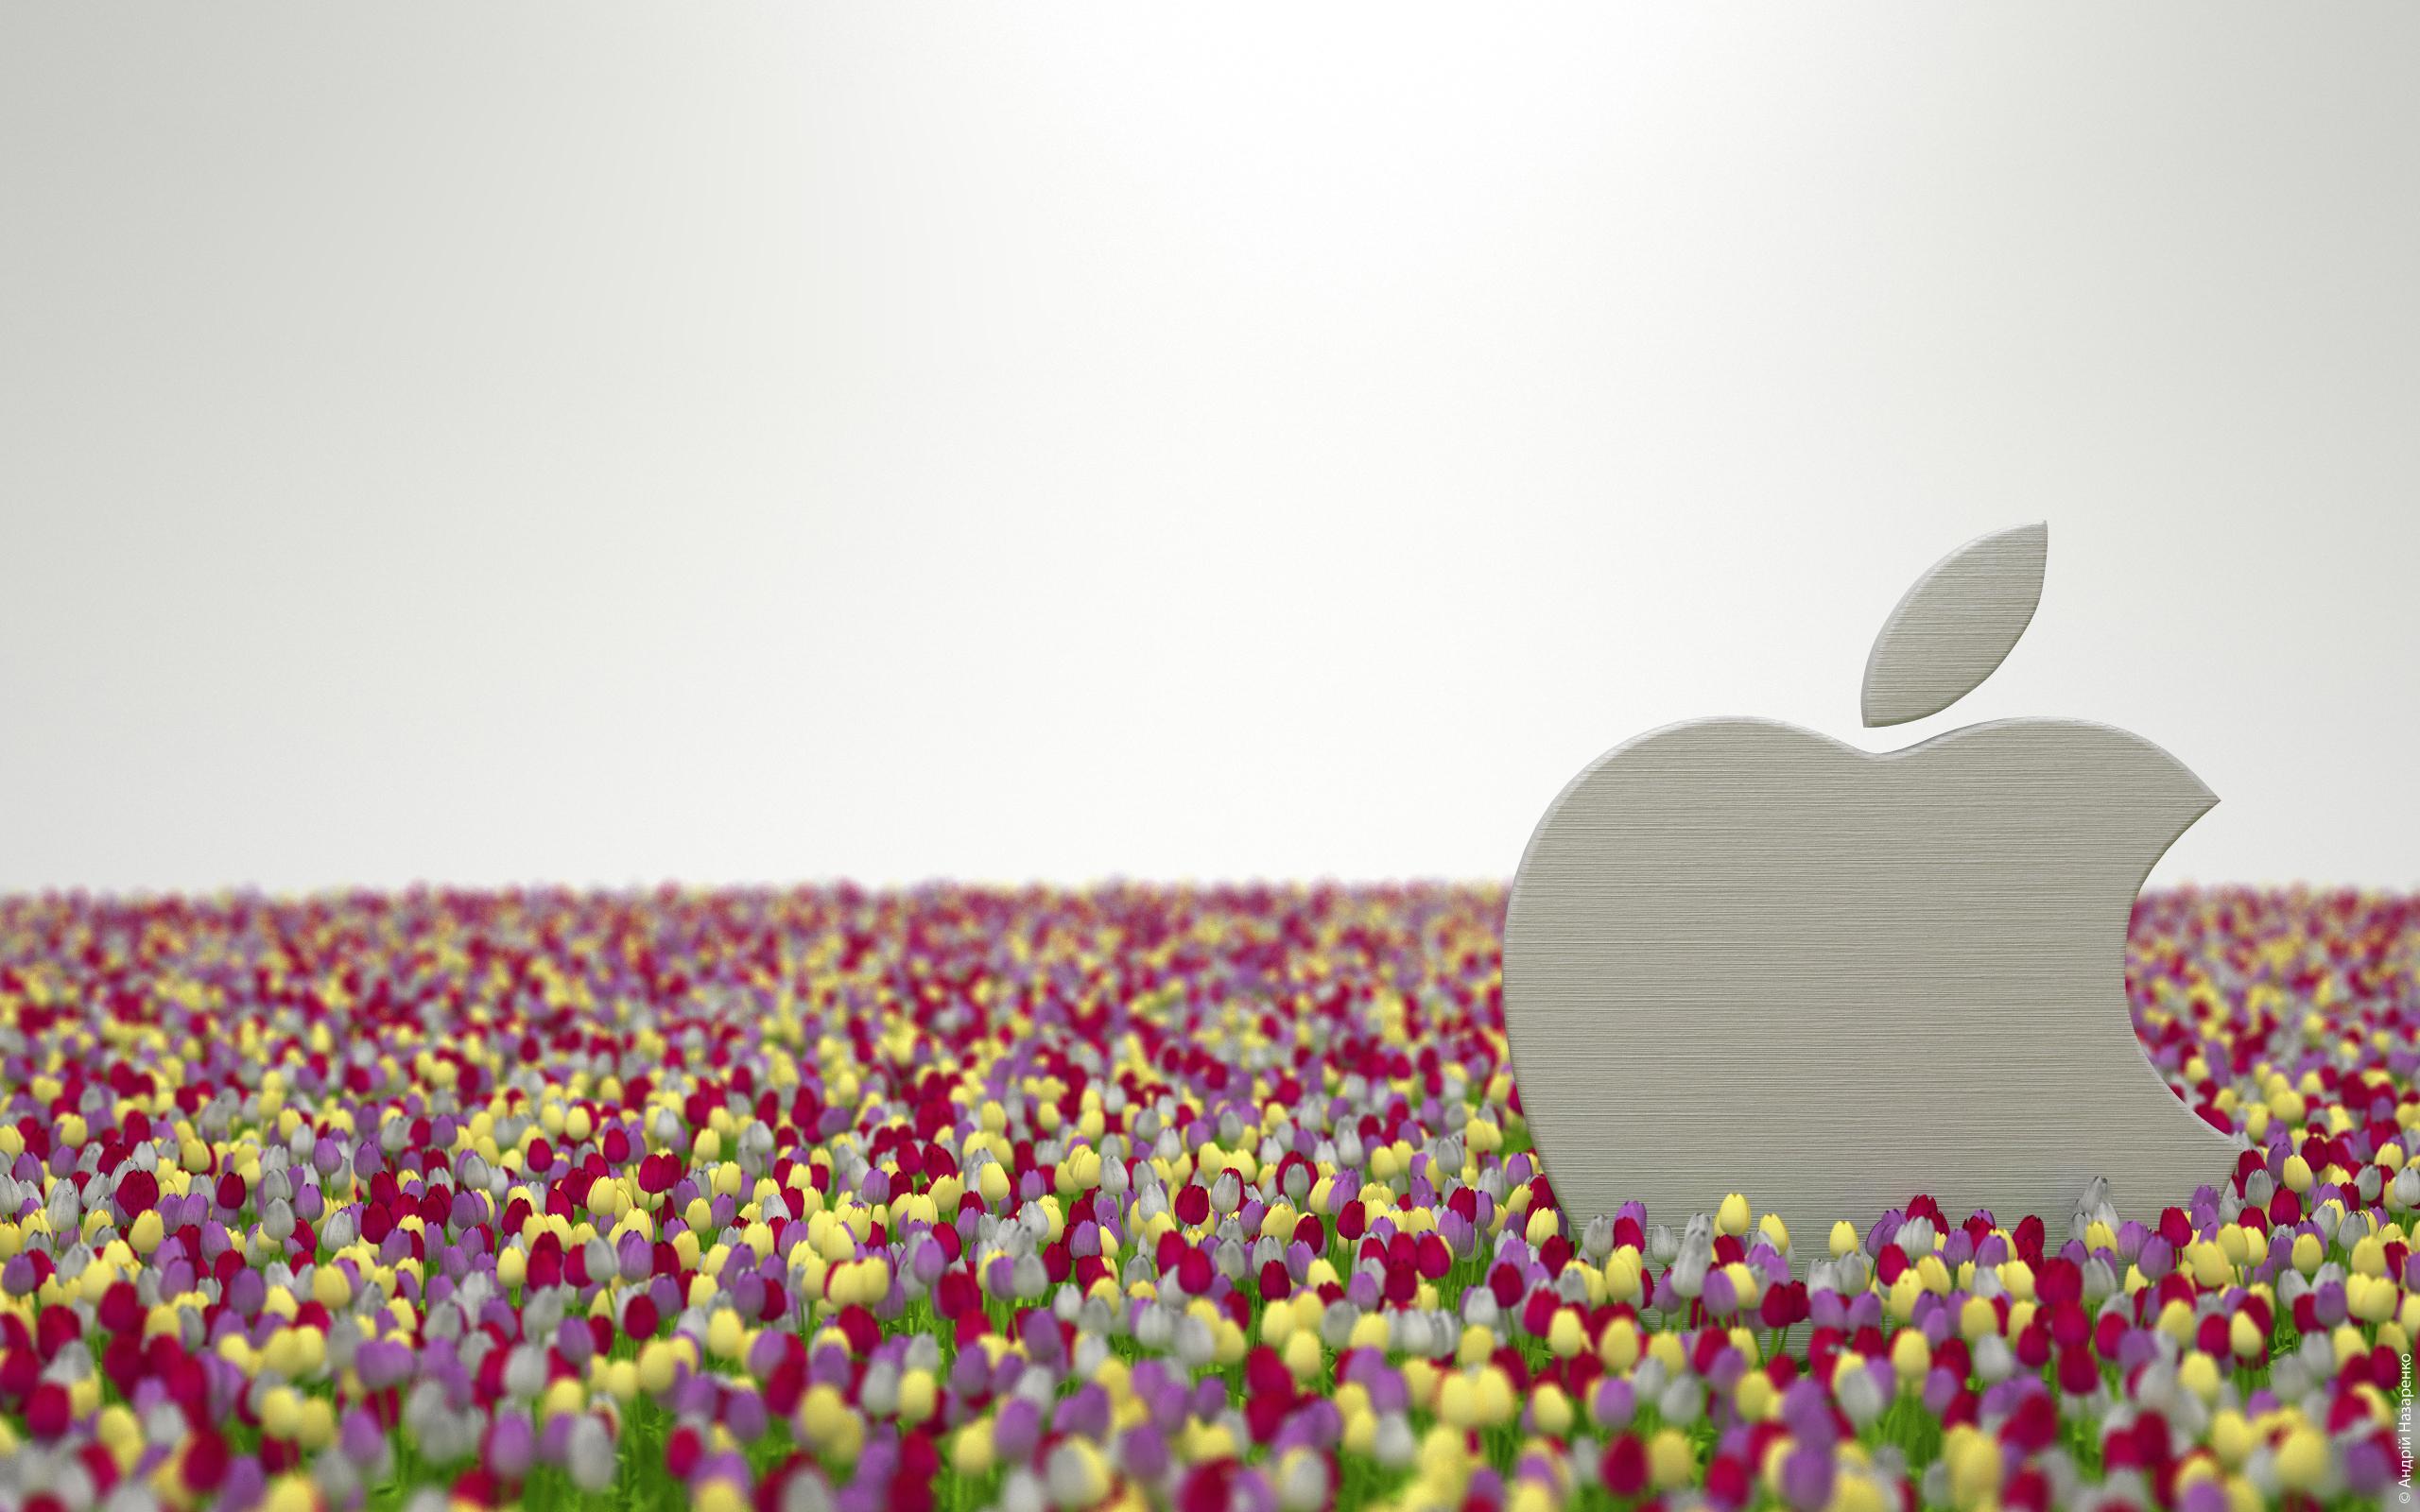 Handy-Wallpaper Pflanzen, Marken, Blumen, Logos, Apple- kostenlos herunterladen.